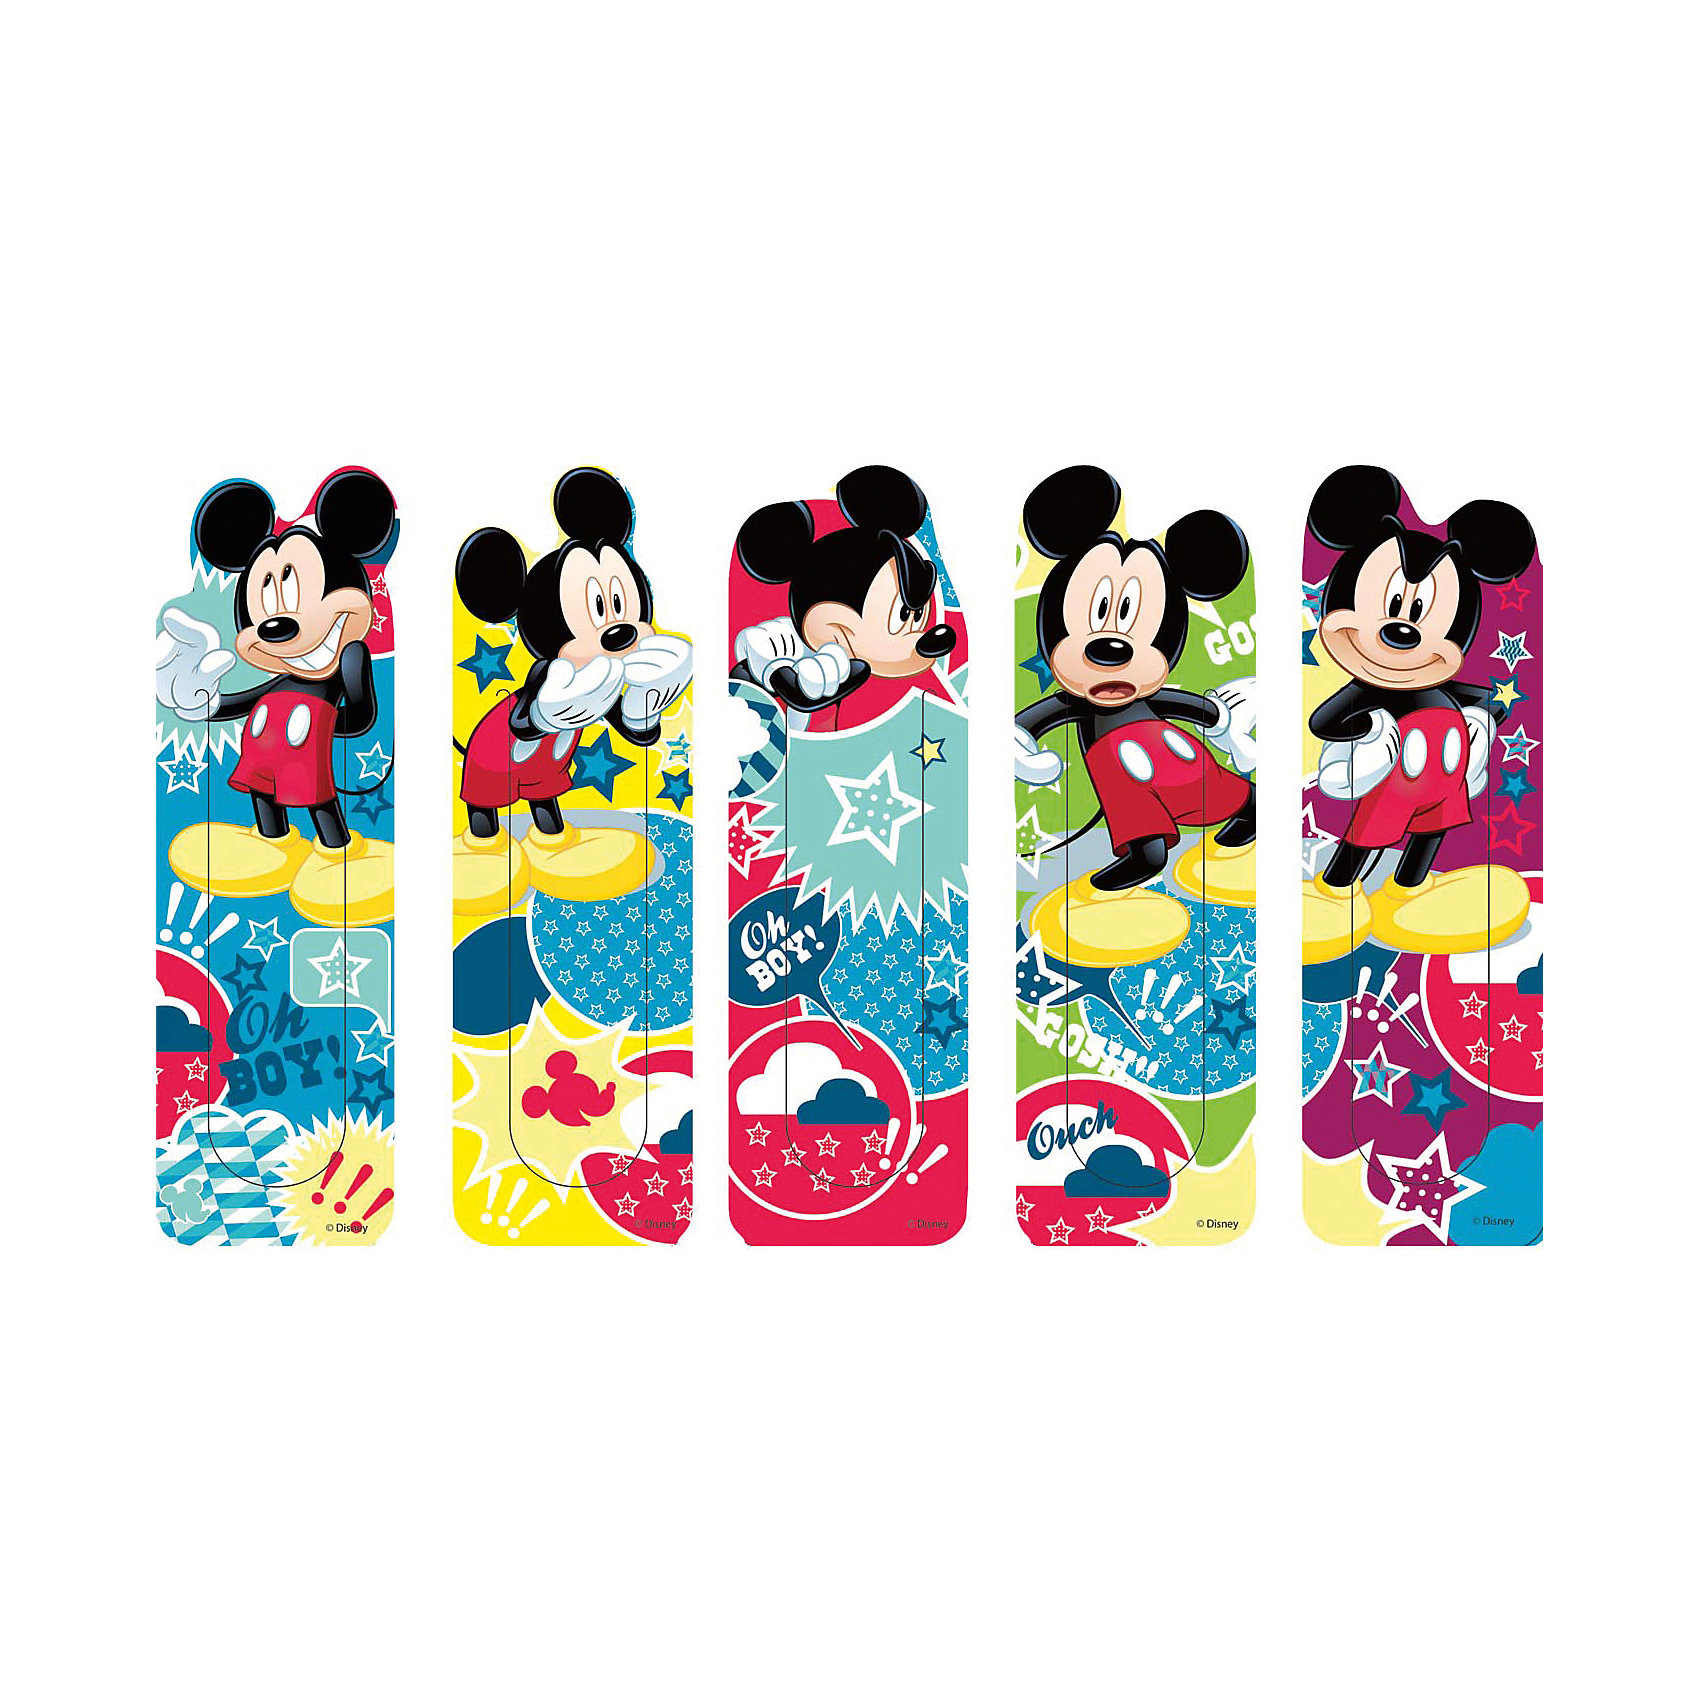 Набор закладок Микки Маус (5 шт)Микки Маус и друзья<br>Яркие канцелярские принадлежности с привлекательным дизайном и любимыми героями сделают школьные занятия веселее и поднимут настроение маленькому школьнику. Набор закладок Микки Маус включает в себя 5 красочных закладок, украшенных изображениями веселого мышонка Микки Мауса из популярных диснеевских мультфильмов.<br><br>Дополнительная информация:<br><br>- В комплекте: 5 шт.<br>- Материал: пластик.<br>- Размер упаковки: 18 х 5,6 см.<br>- Вес: 19 гр.<br><br>Набор закладок Микки Маус (5 шт.) можно купить в нашем интернет-магазине.<br><br>Ширина мм: 1<br>Глубина мм: 230<br>Высота мм: 8<br>Вес г: 19<br>Возраст от месяцев: 48<br>Возраст до месяцев: 96<br>Пол: Унисекс<br>Возраст: Детский<br>SKU: 4131214